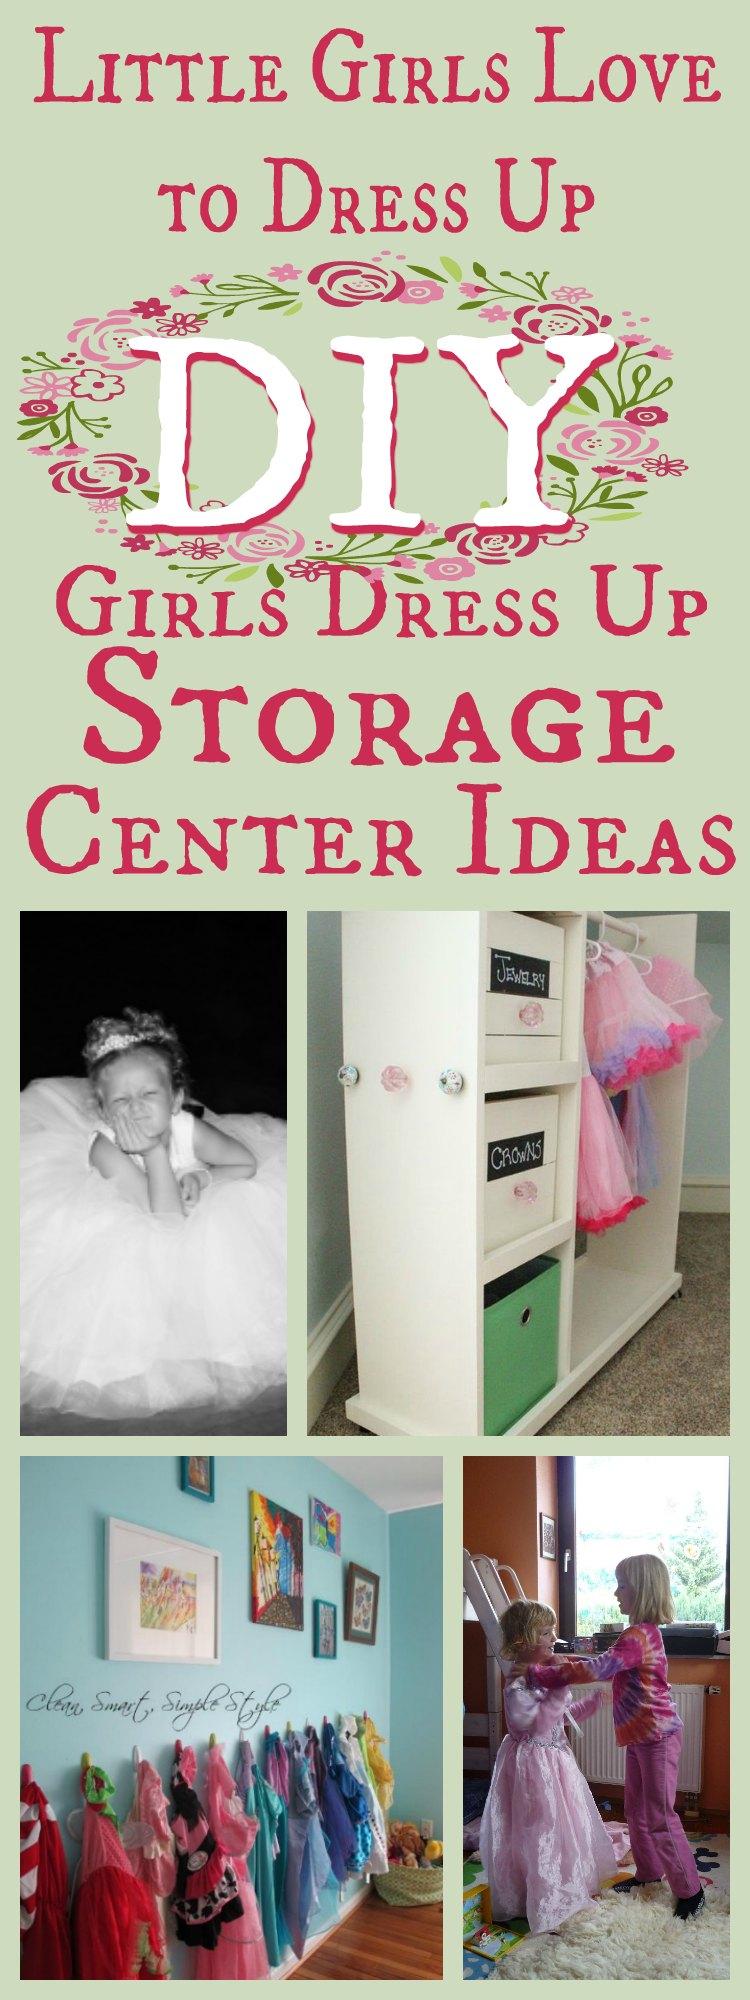 Girls Dress UP Storage Center Ideas